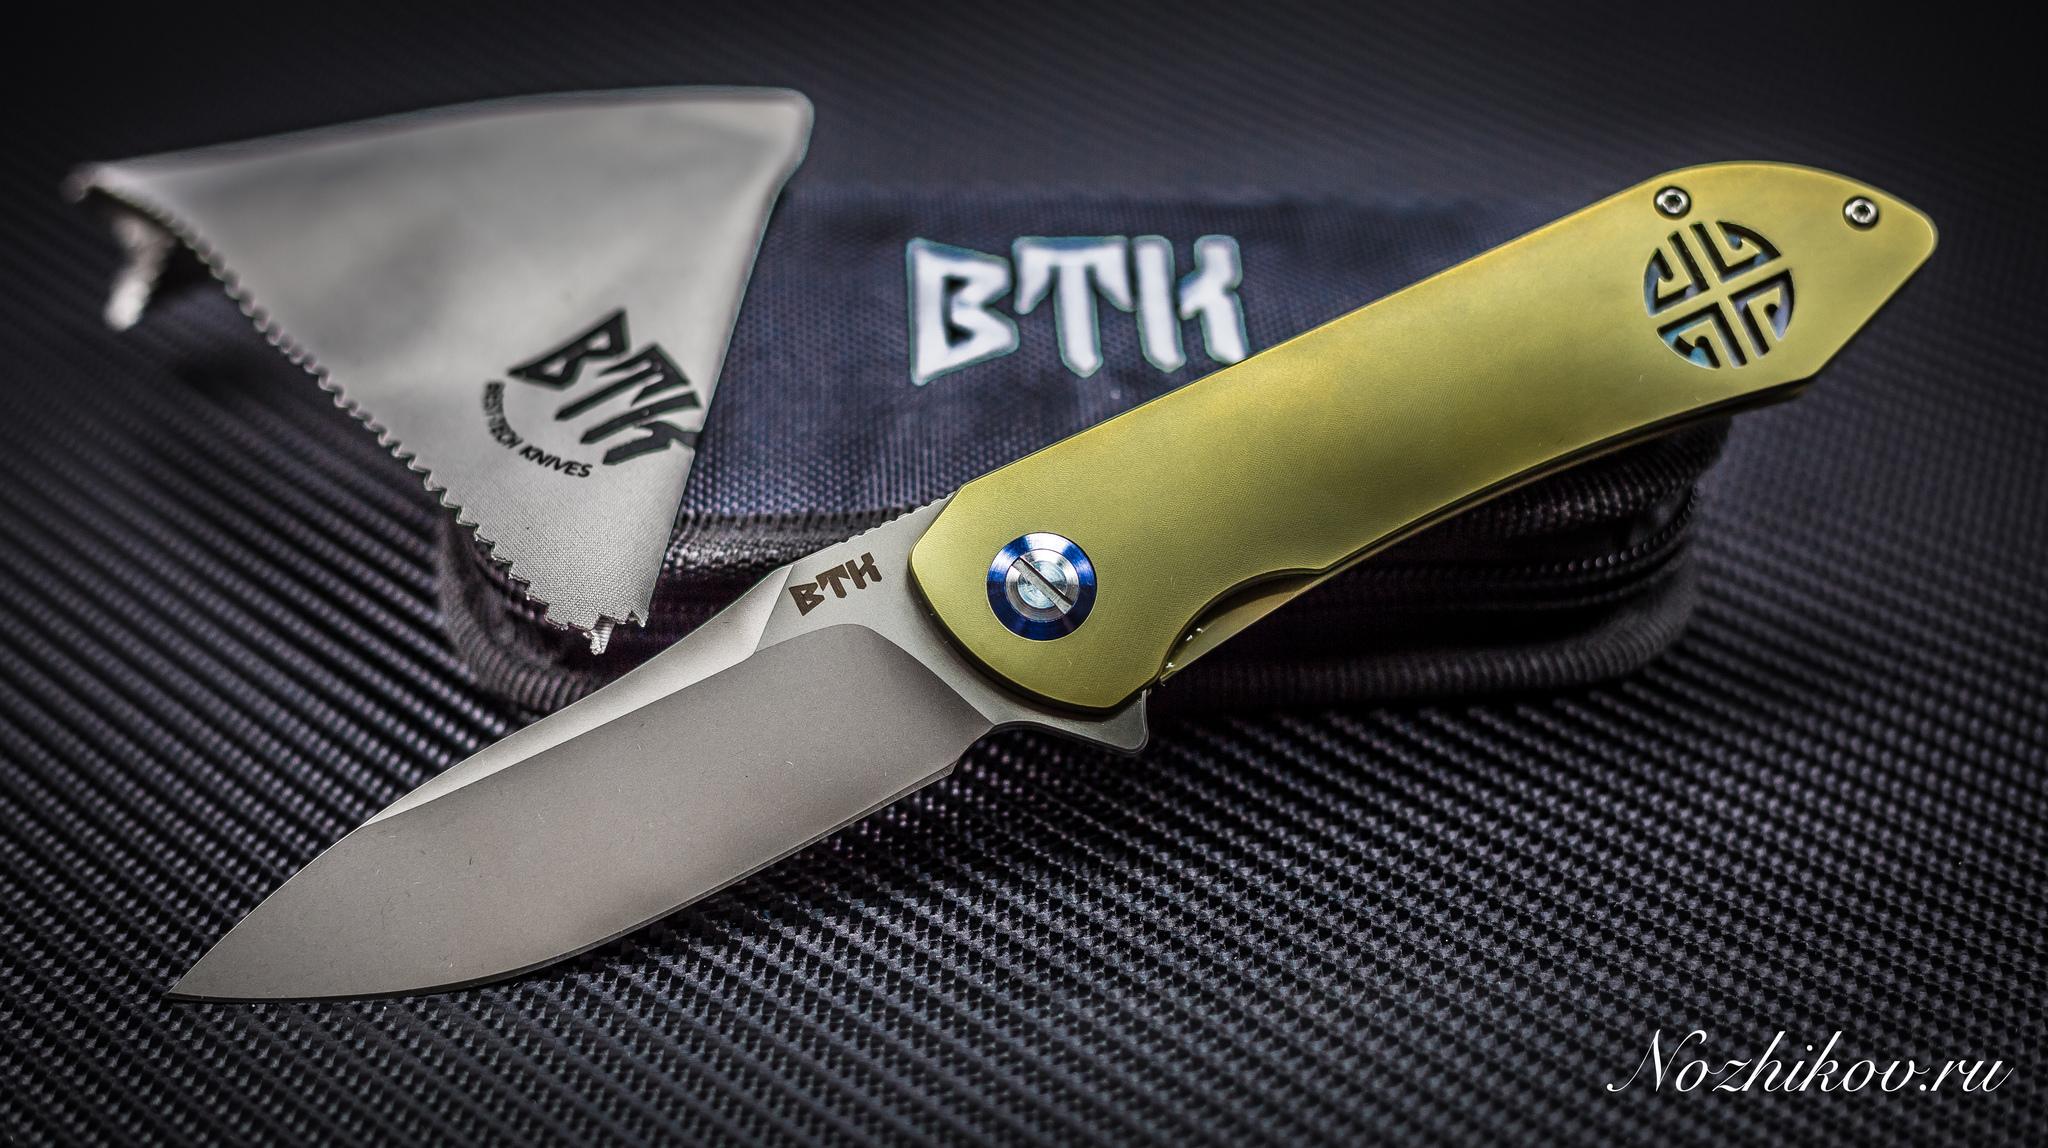 Фото 2 - Складной нож Bestech Knives BT1703B, сталь CPM-S35VN, рукоять титан